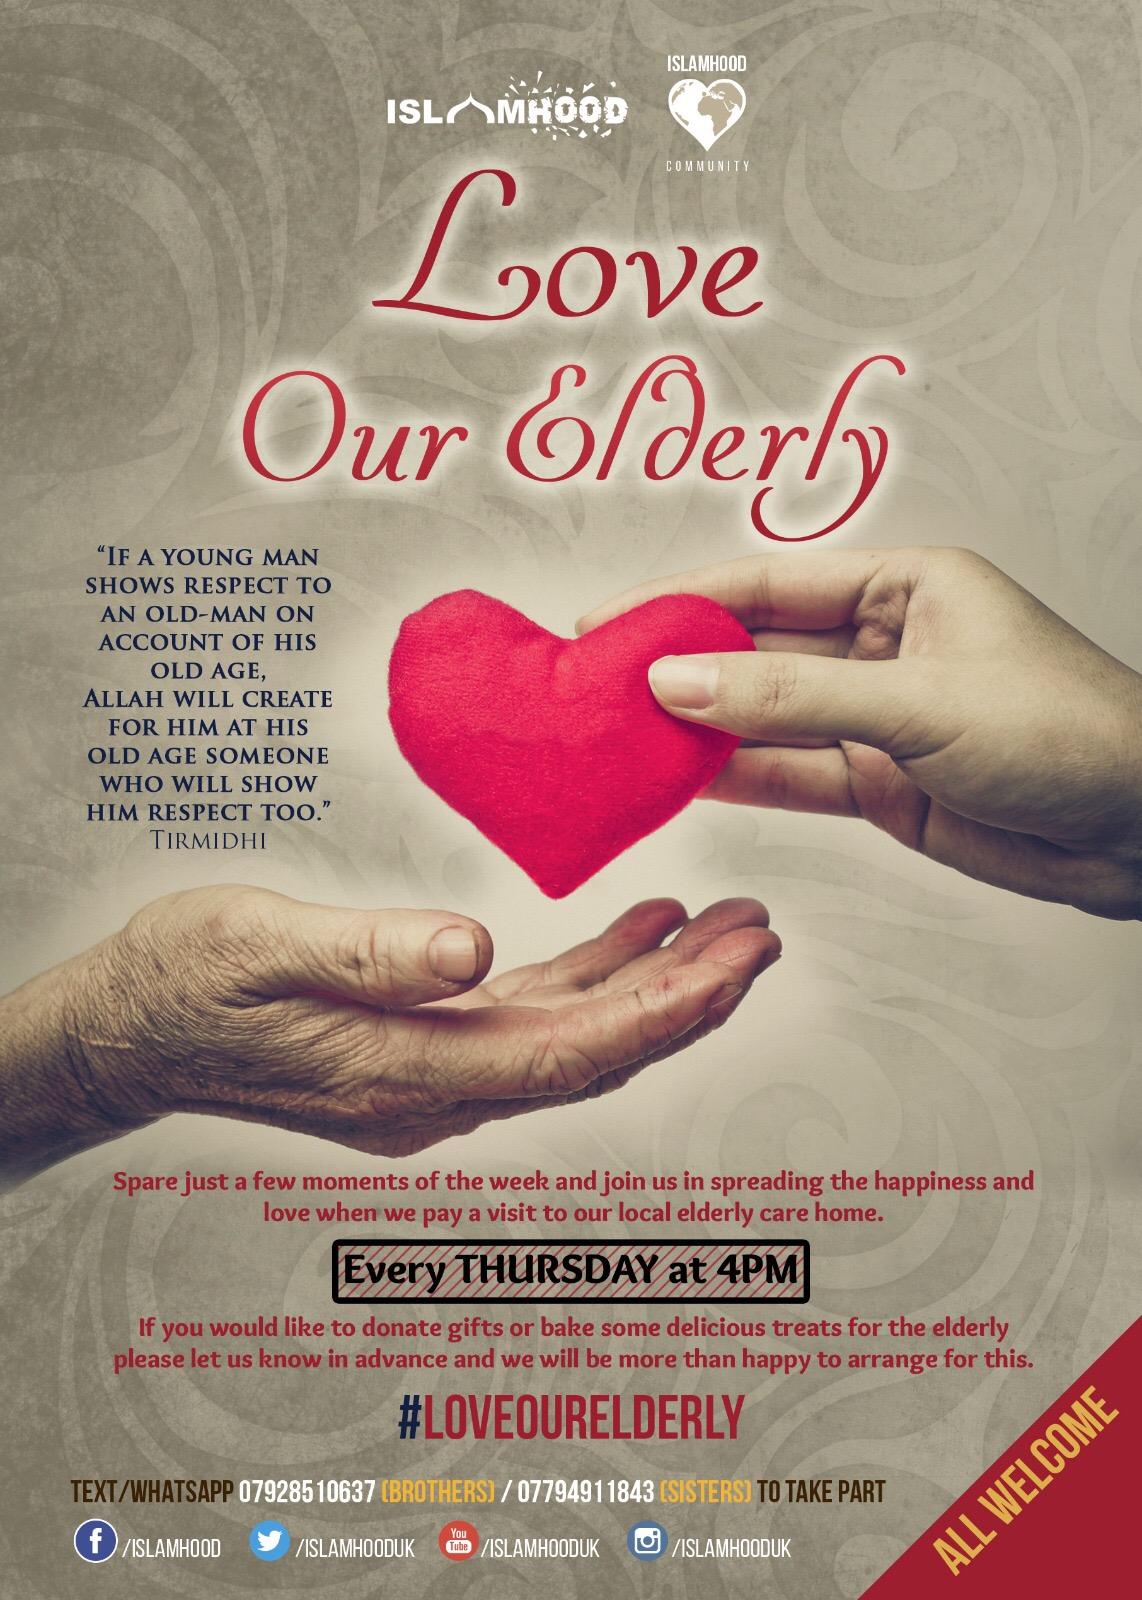 Love Our Elderly - regular.jpg